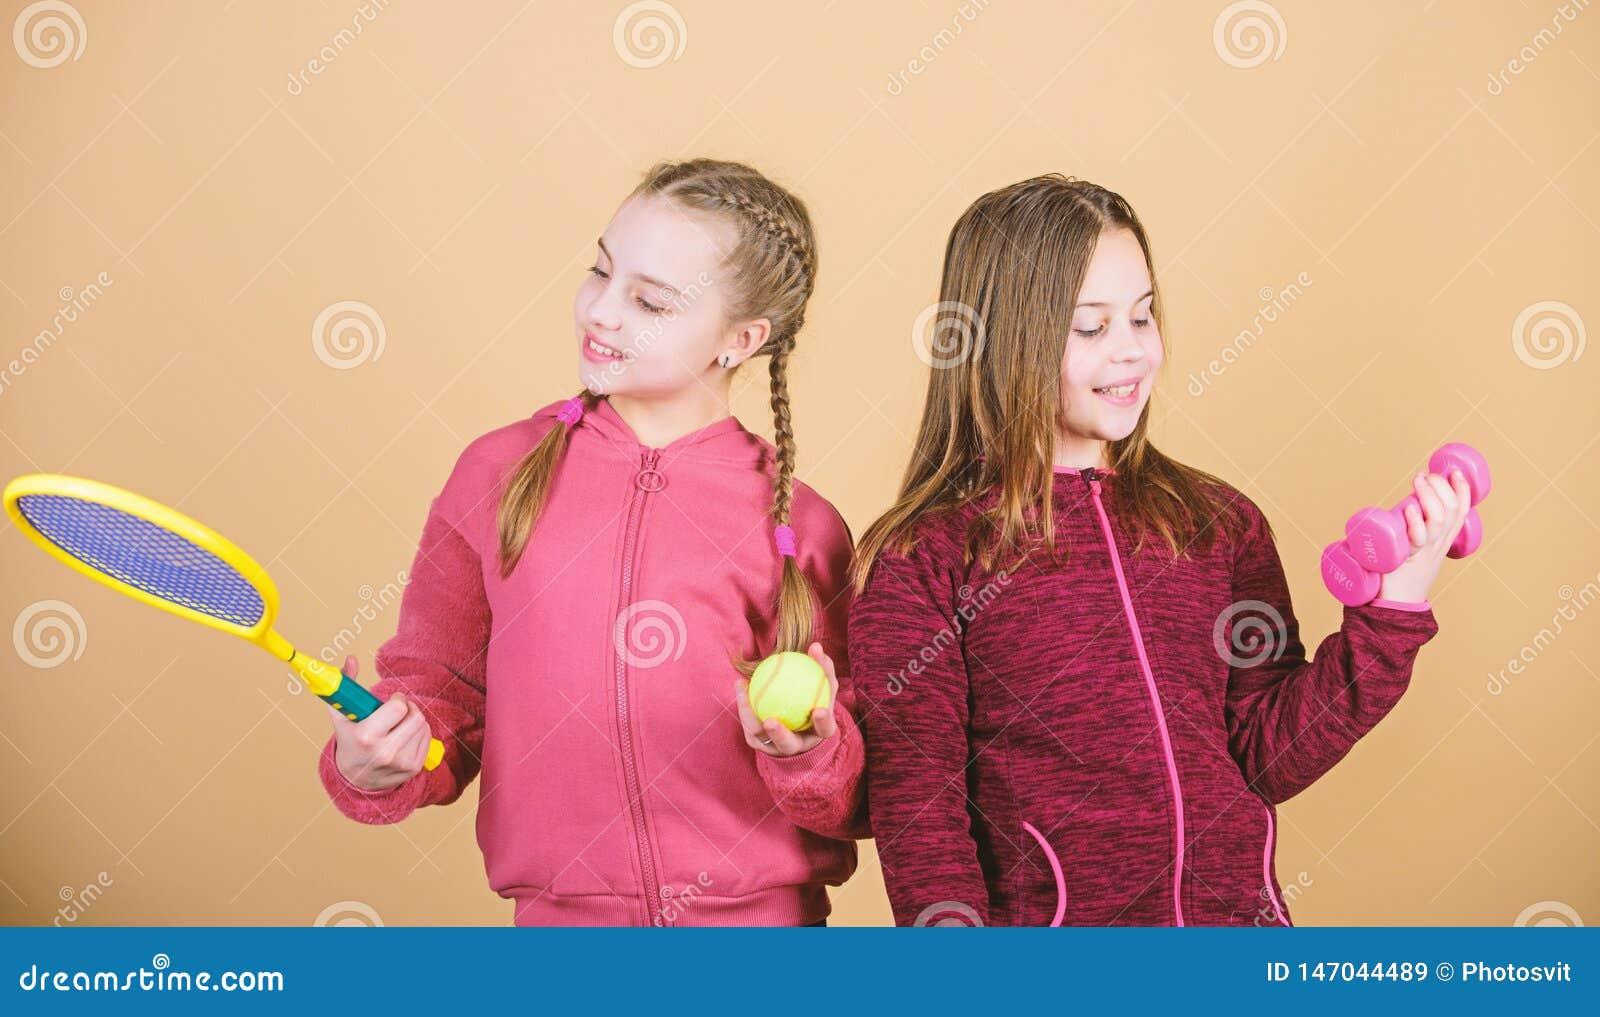 Друзья готовые для тренировки Пути помочь детям найти спорт они наслаждаются Дети девушек милые с гантелями оборудования спорта и